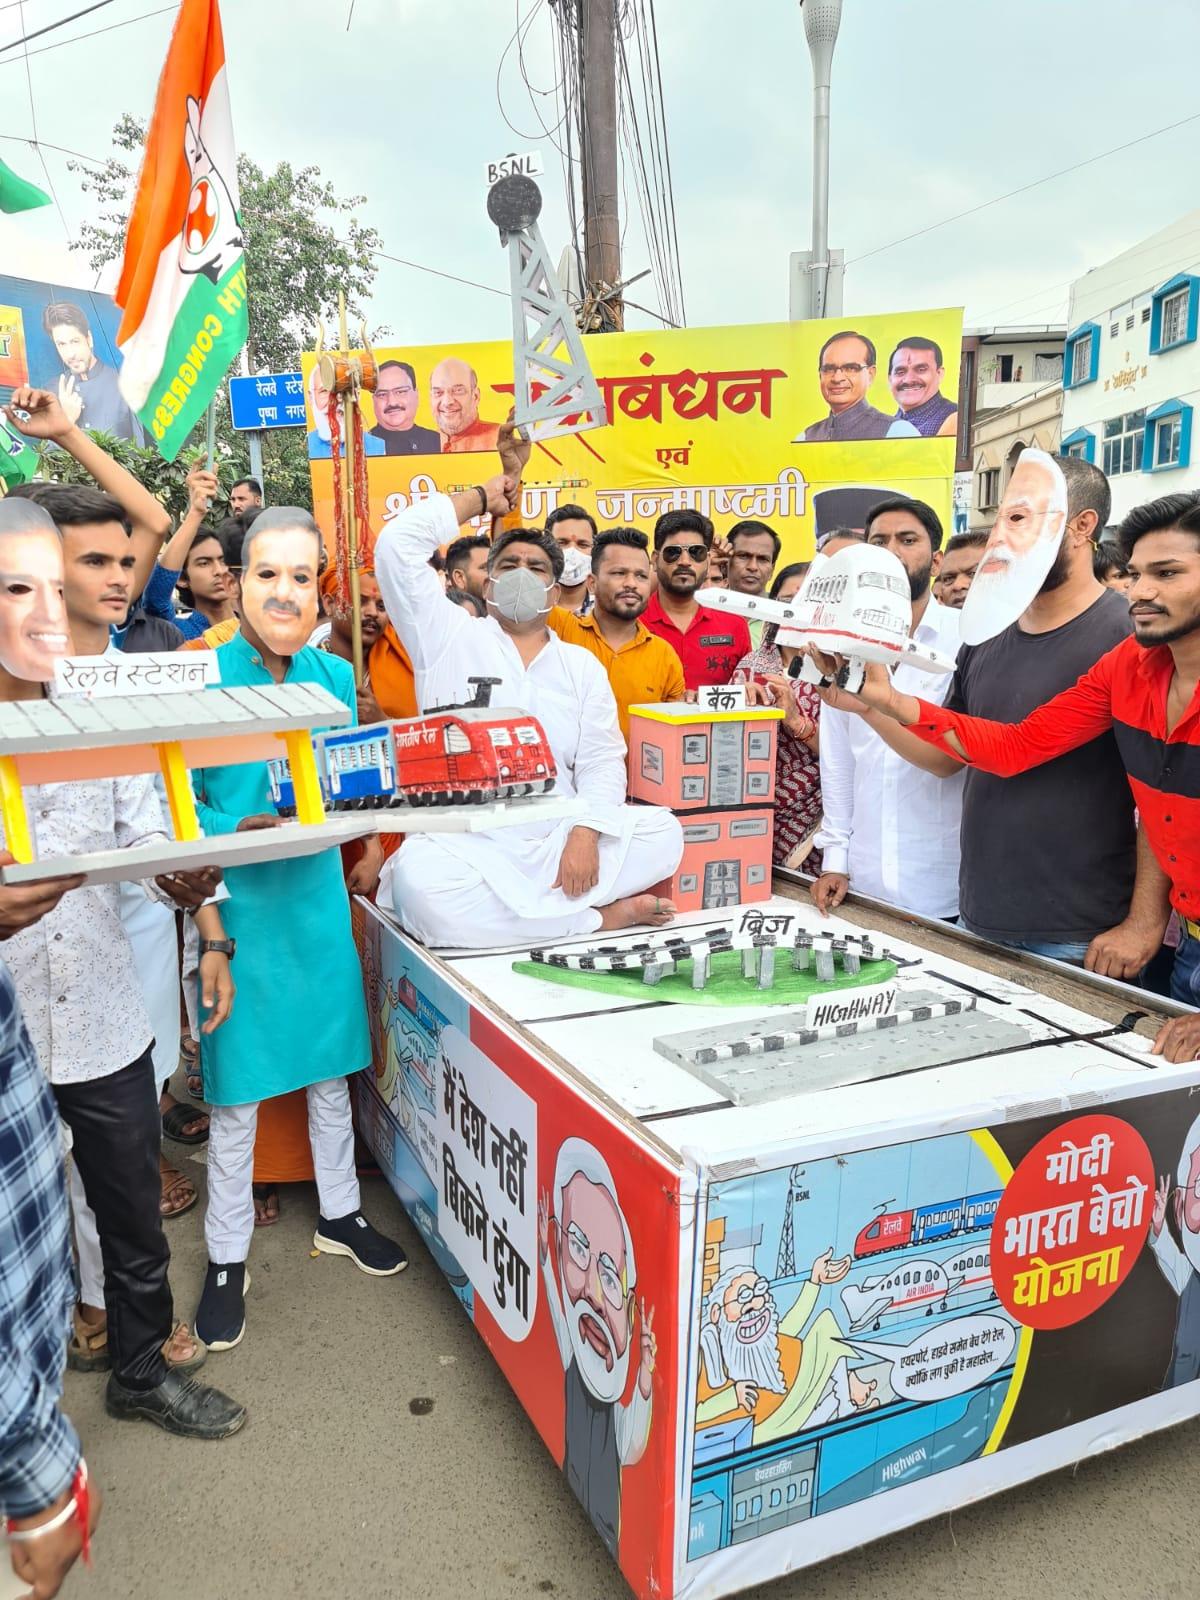 सरकारी उपक्रमों को बेचने के खिलाफ ठेले पर रेल, भेल, टेलीकॉम जैसी कंपनियों के मॉडल लेकर उतरे भोपाल,Bhopal - Dainik Bhaskar